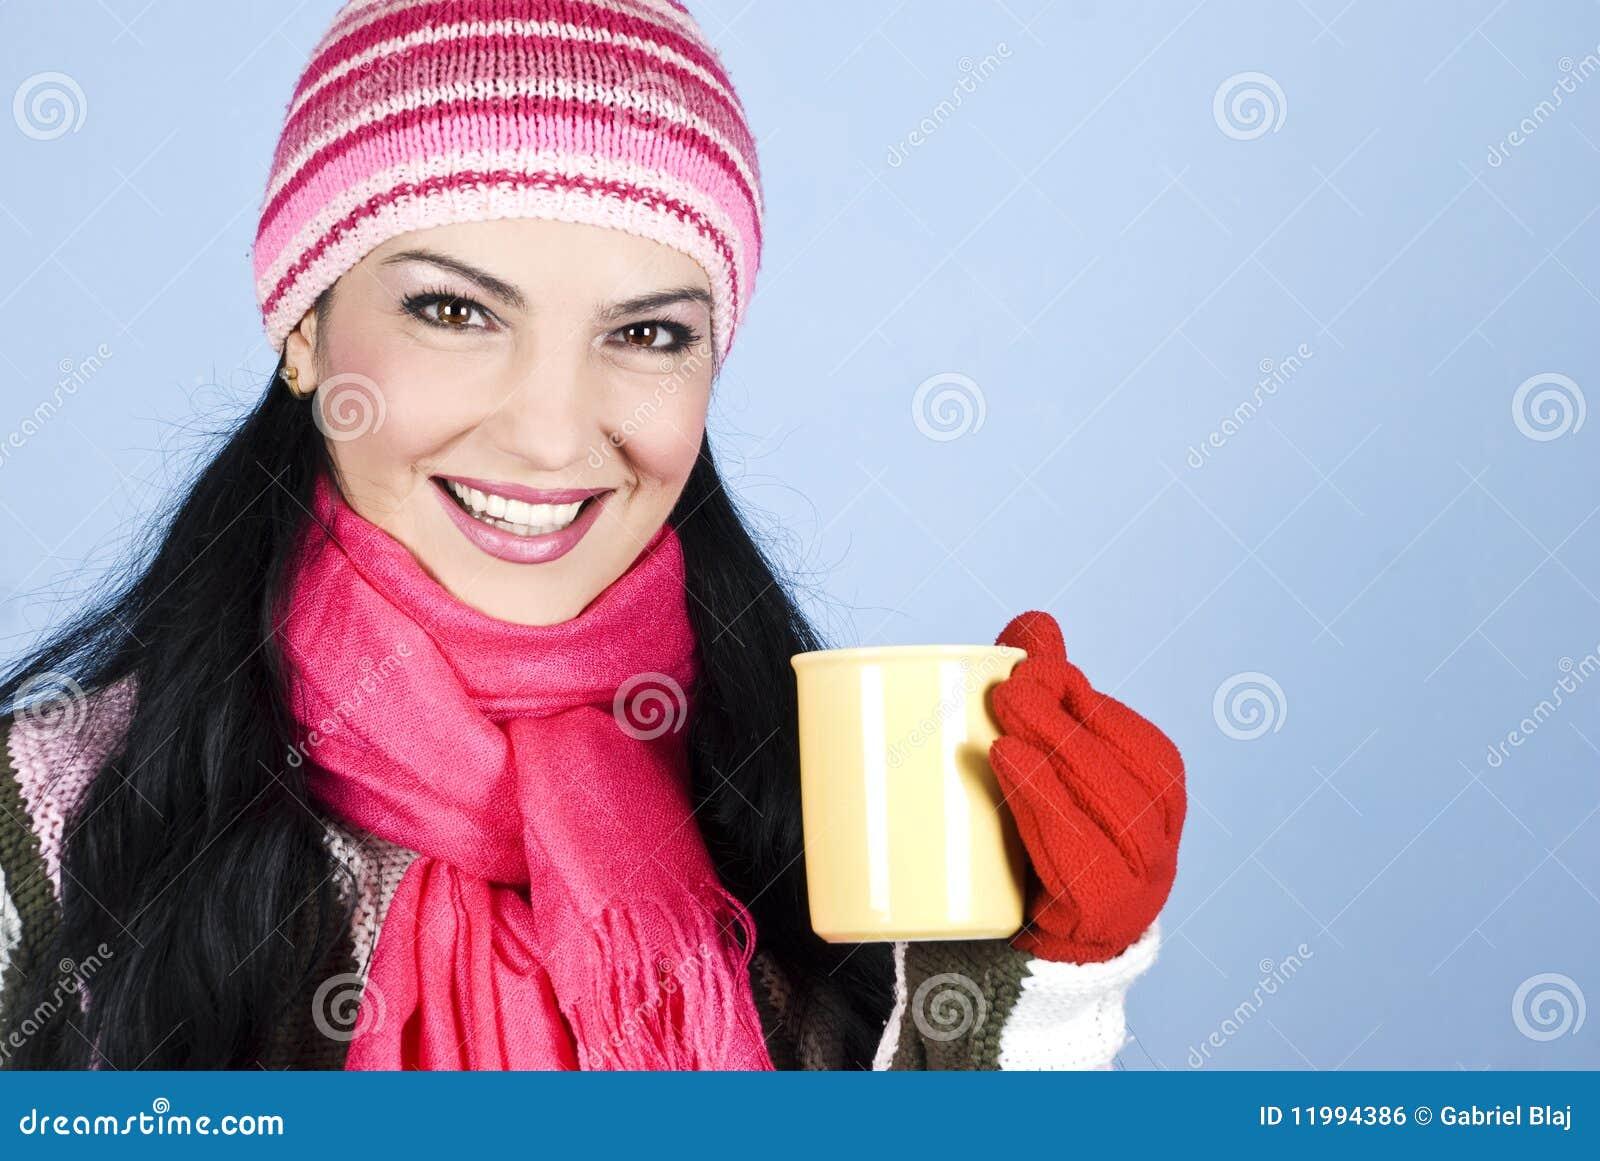 imagen mujer caliente: